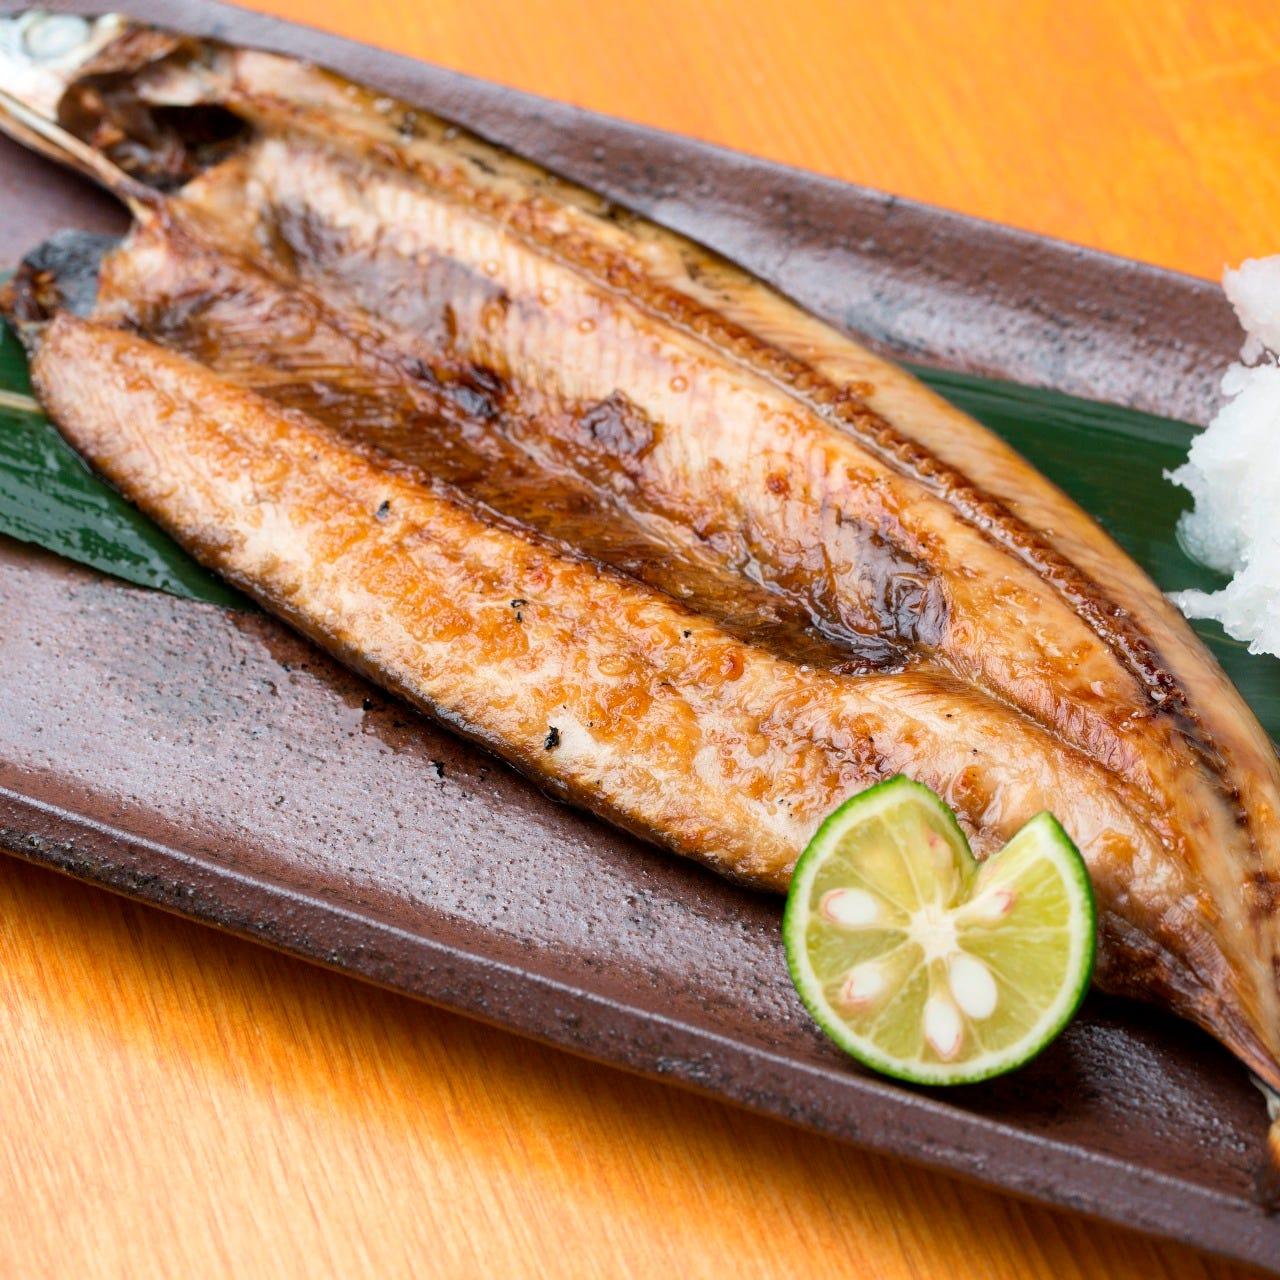 毎朝市場から仕入れる鮮魚は、煮ても焼いても美味しい!